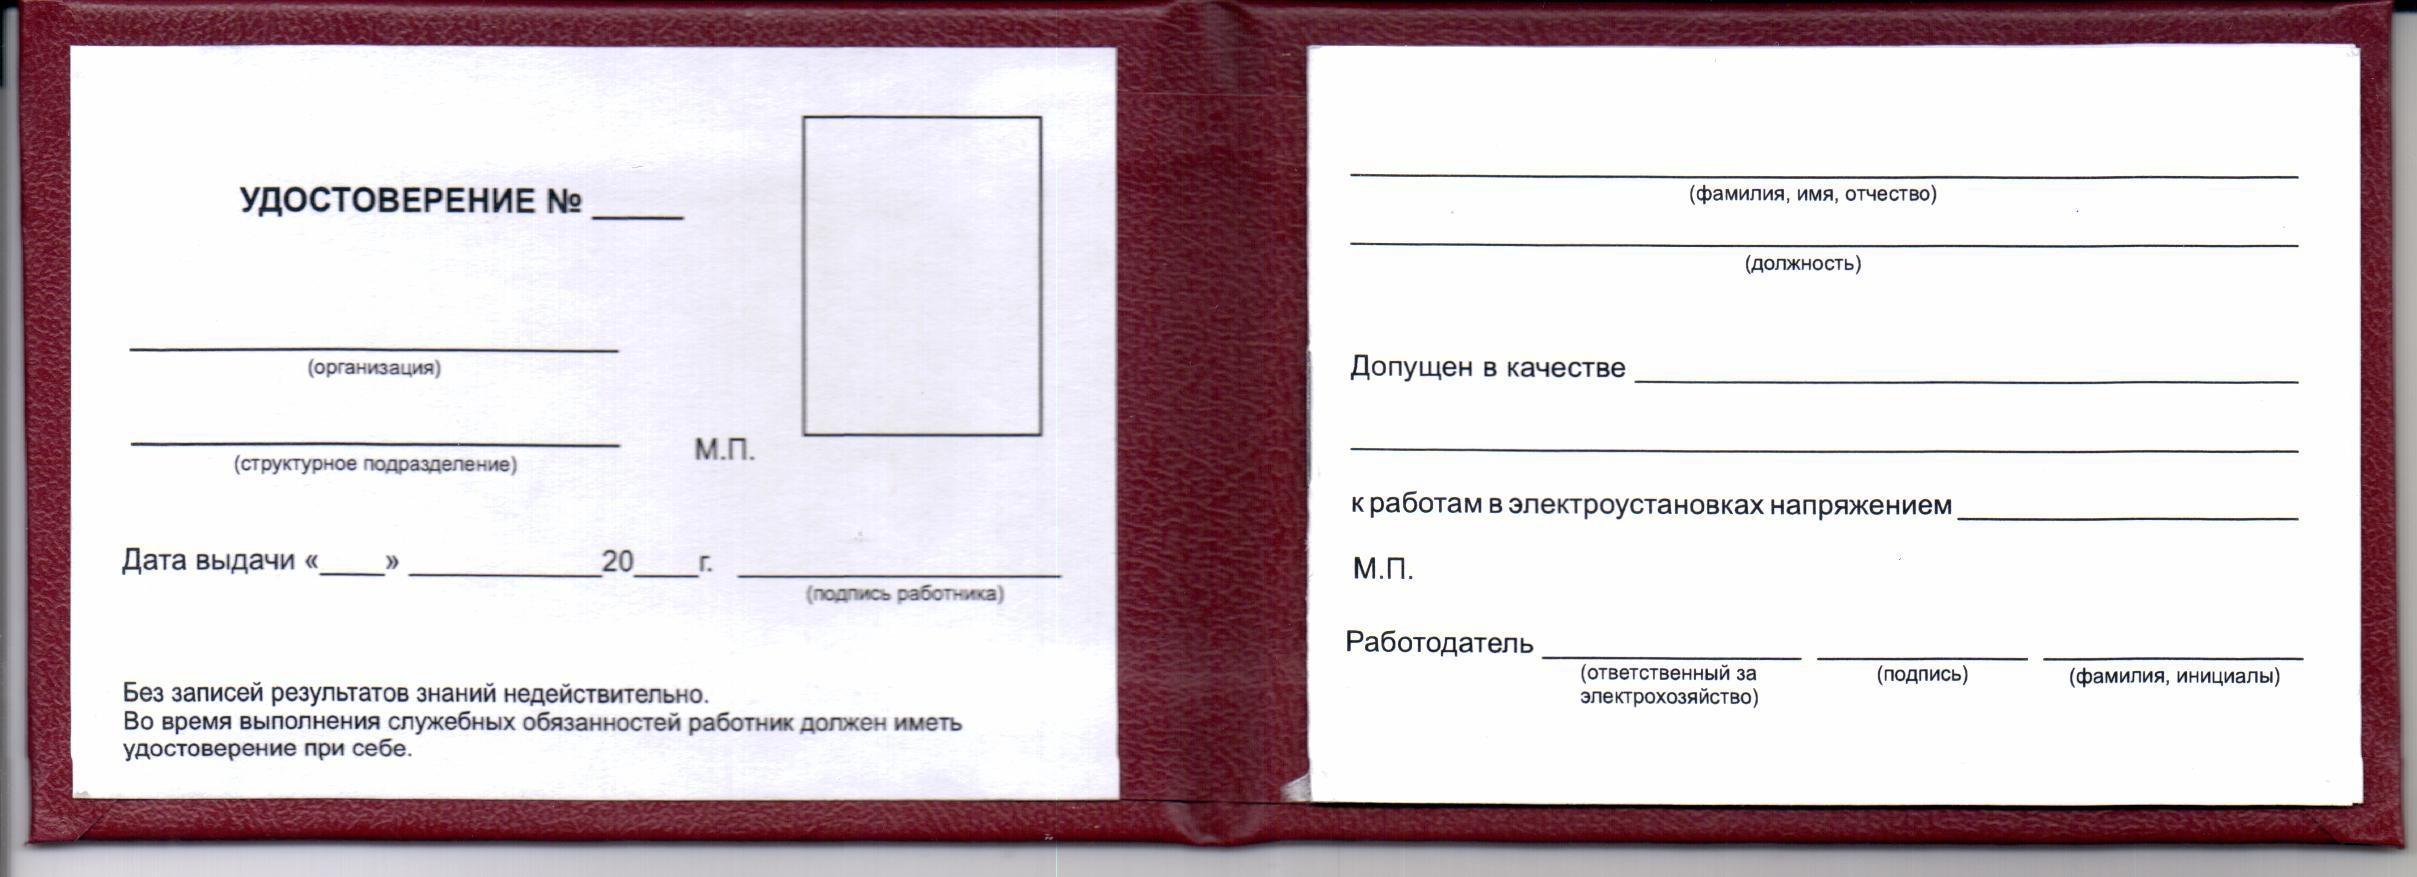 Удостоверение по электробезопасности нового образца